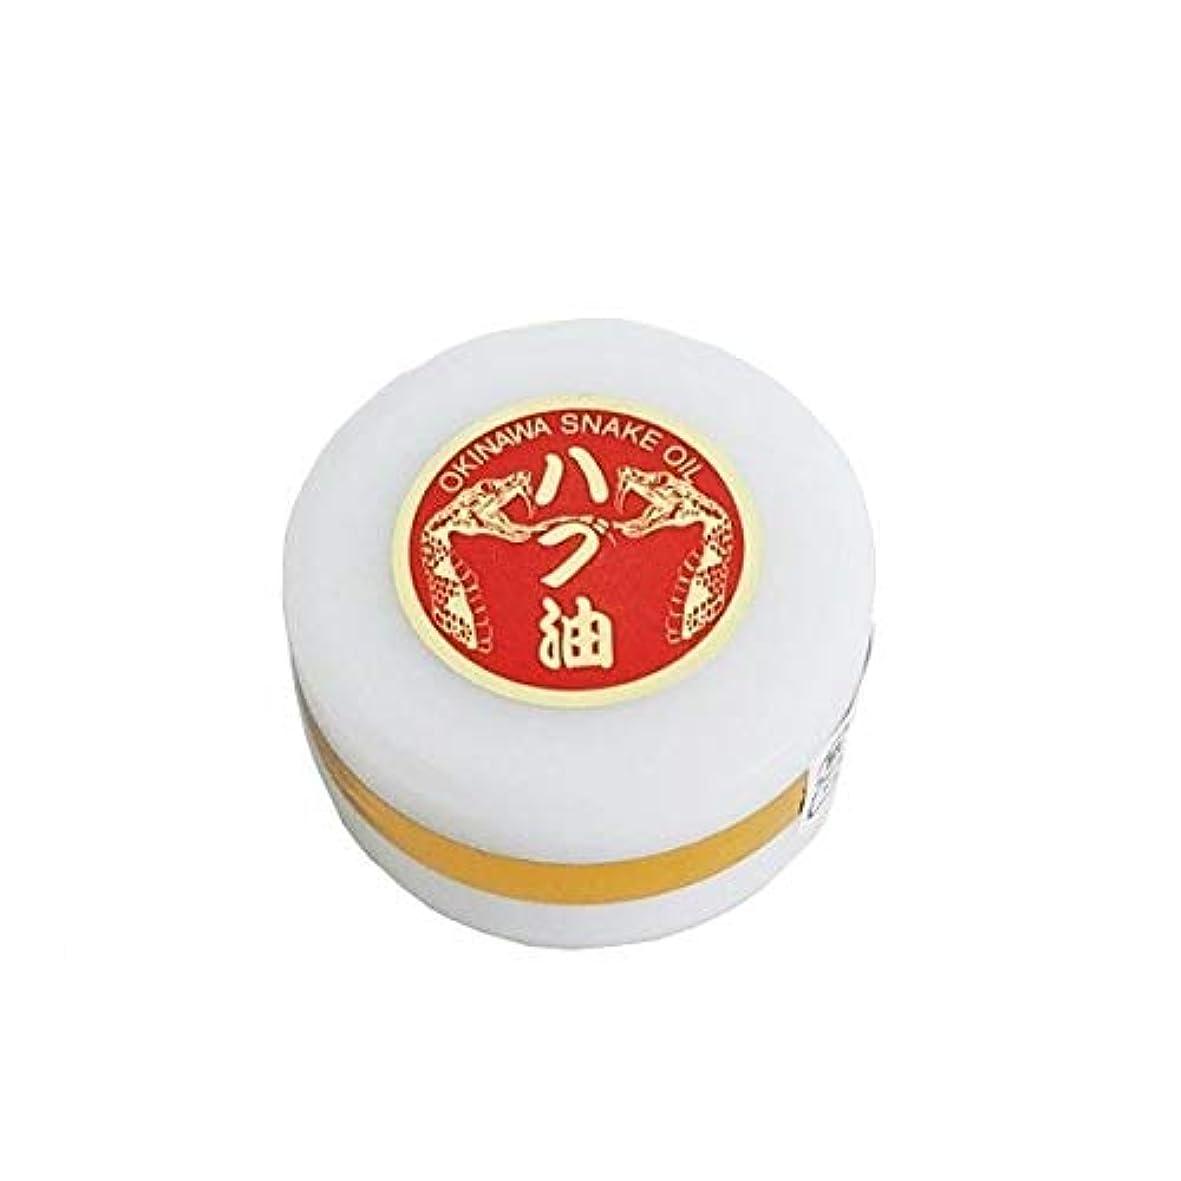 取り付けピル異議沖縄産 ハブ油 25g 軟膏タイプ